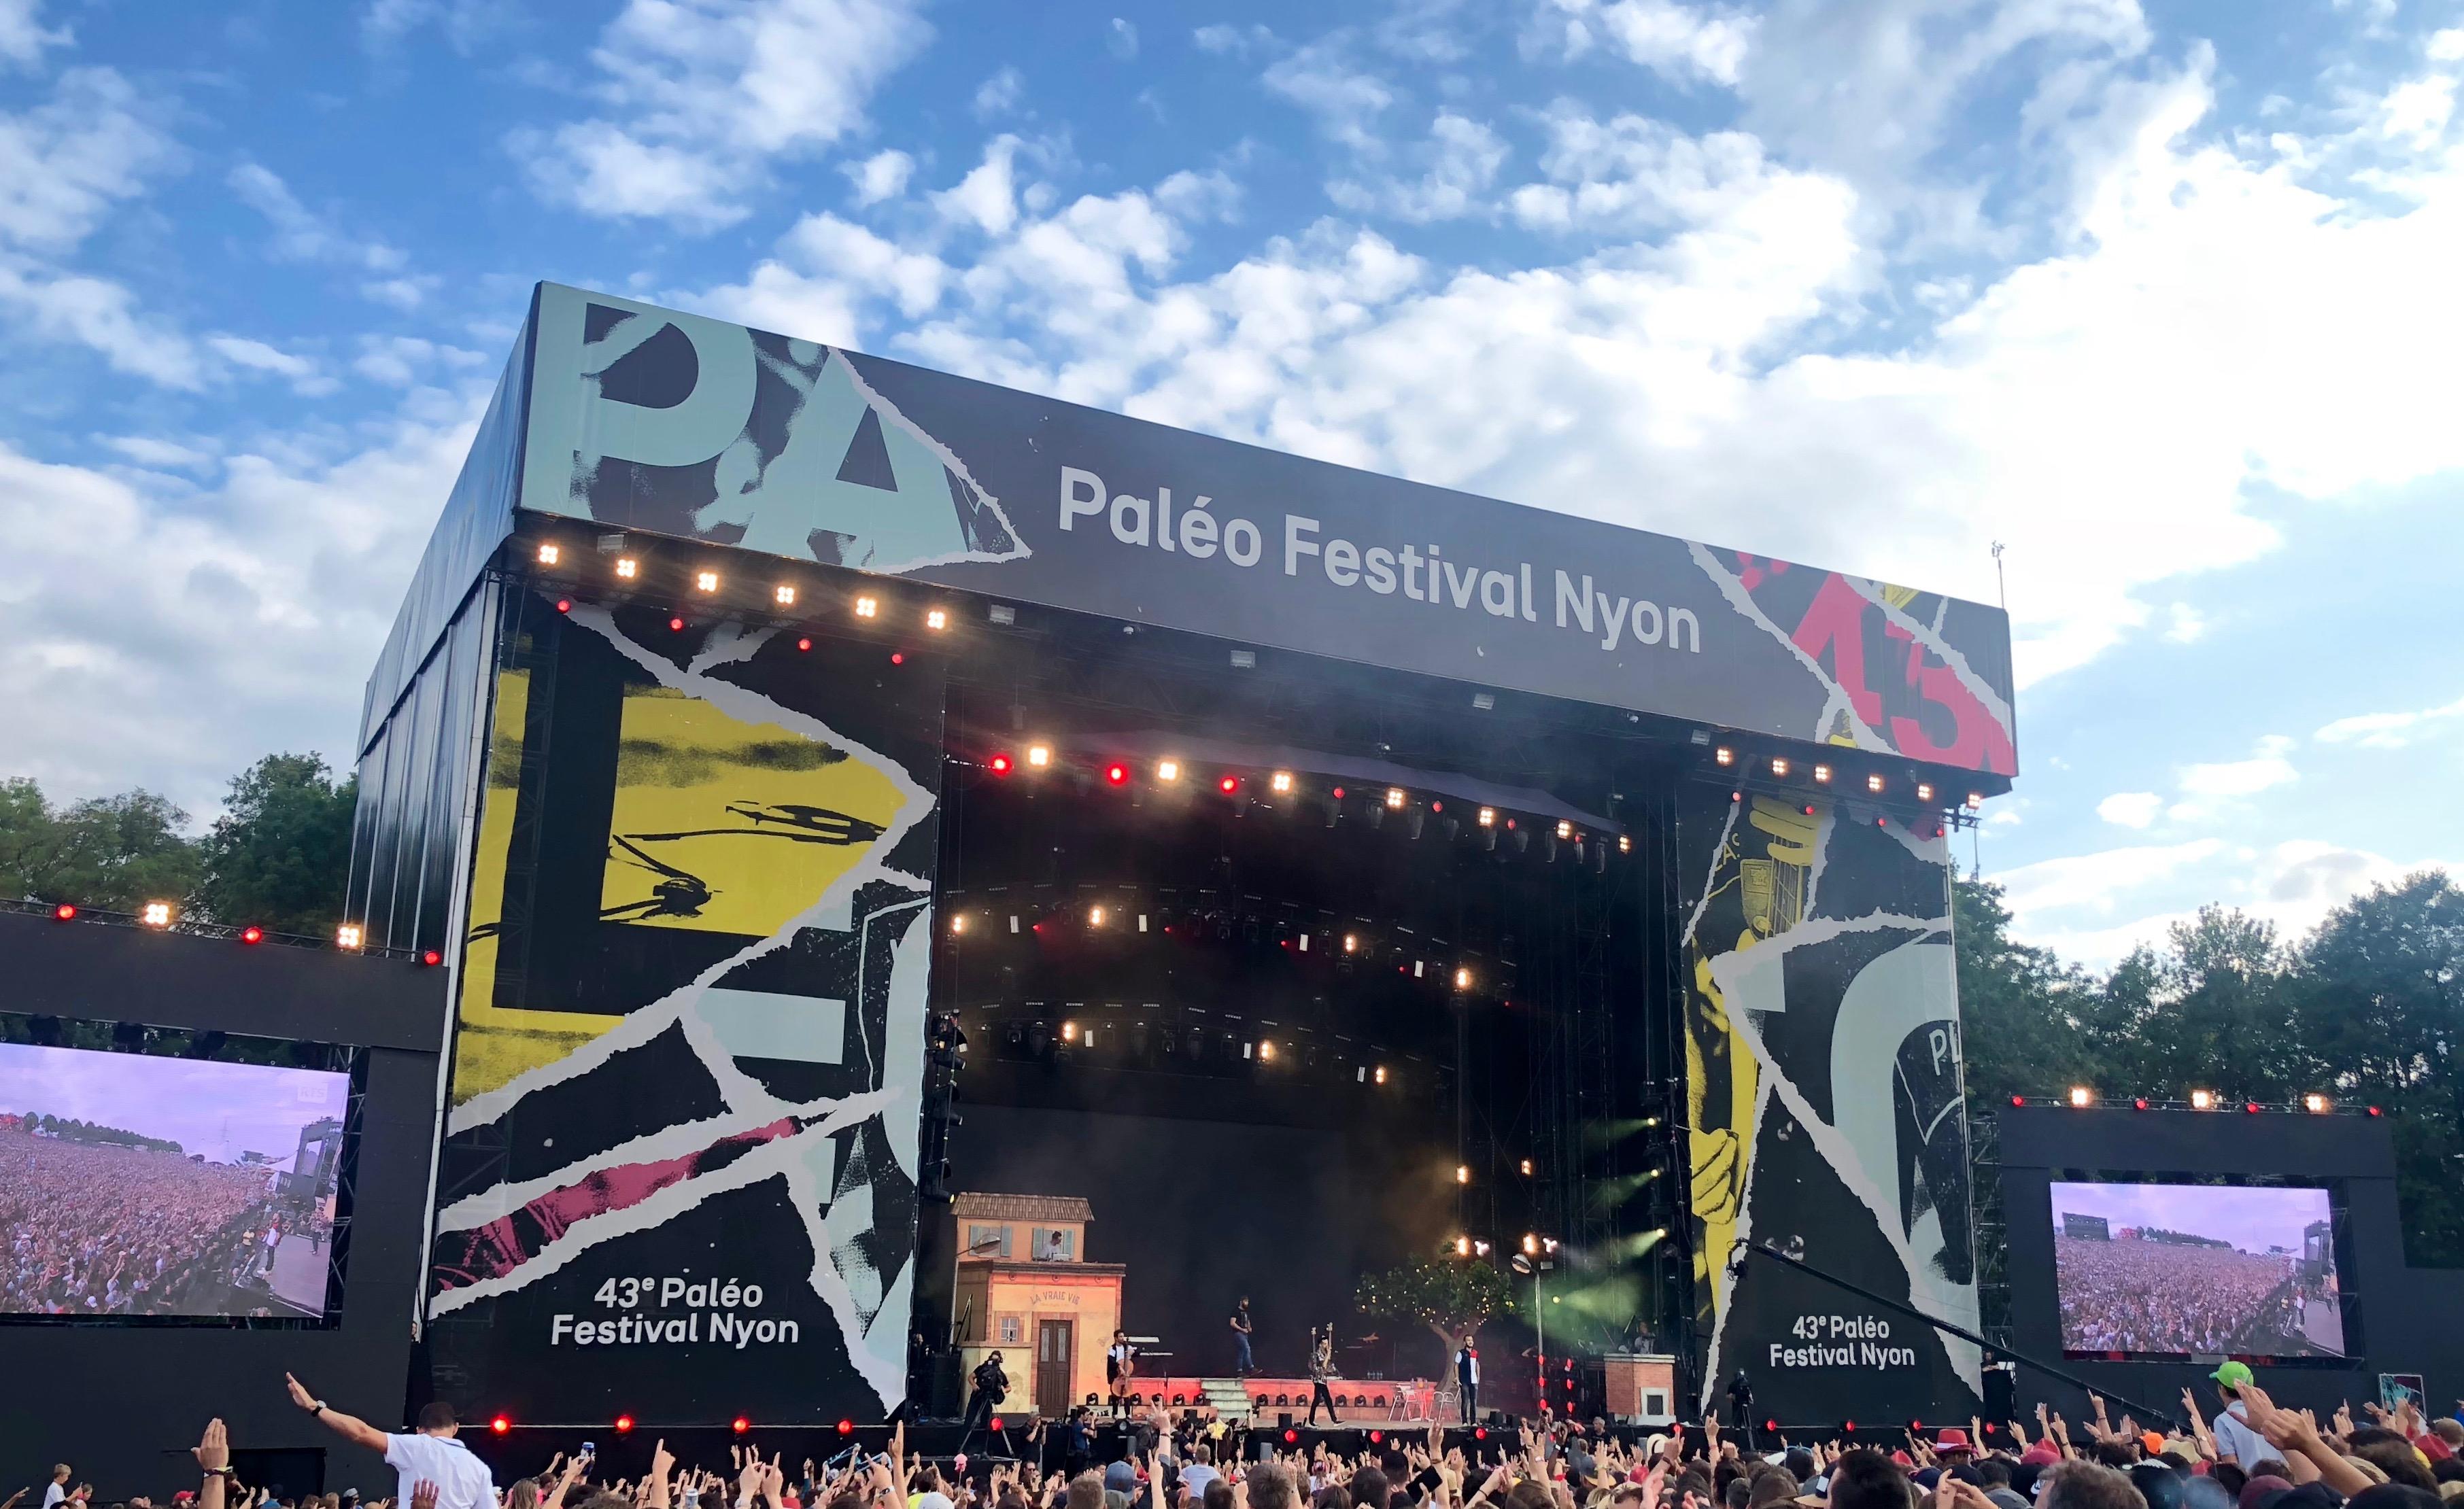 paleo festival suisse